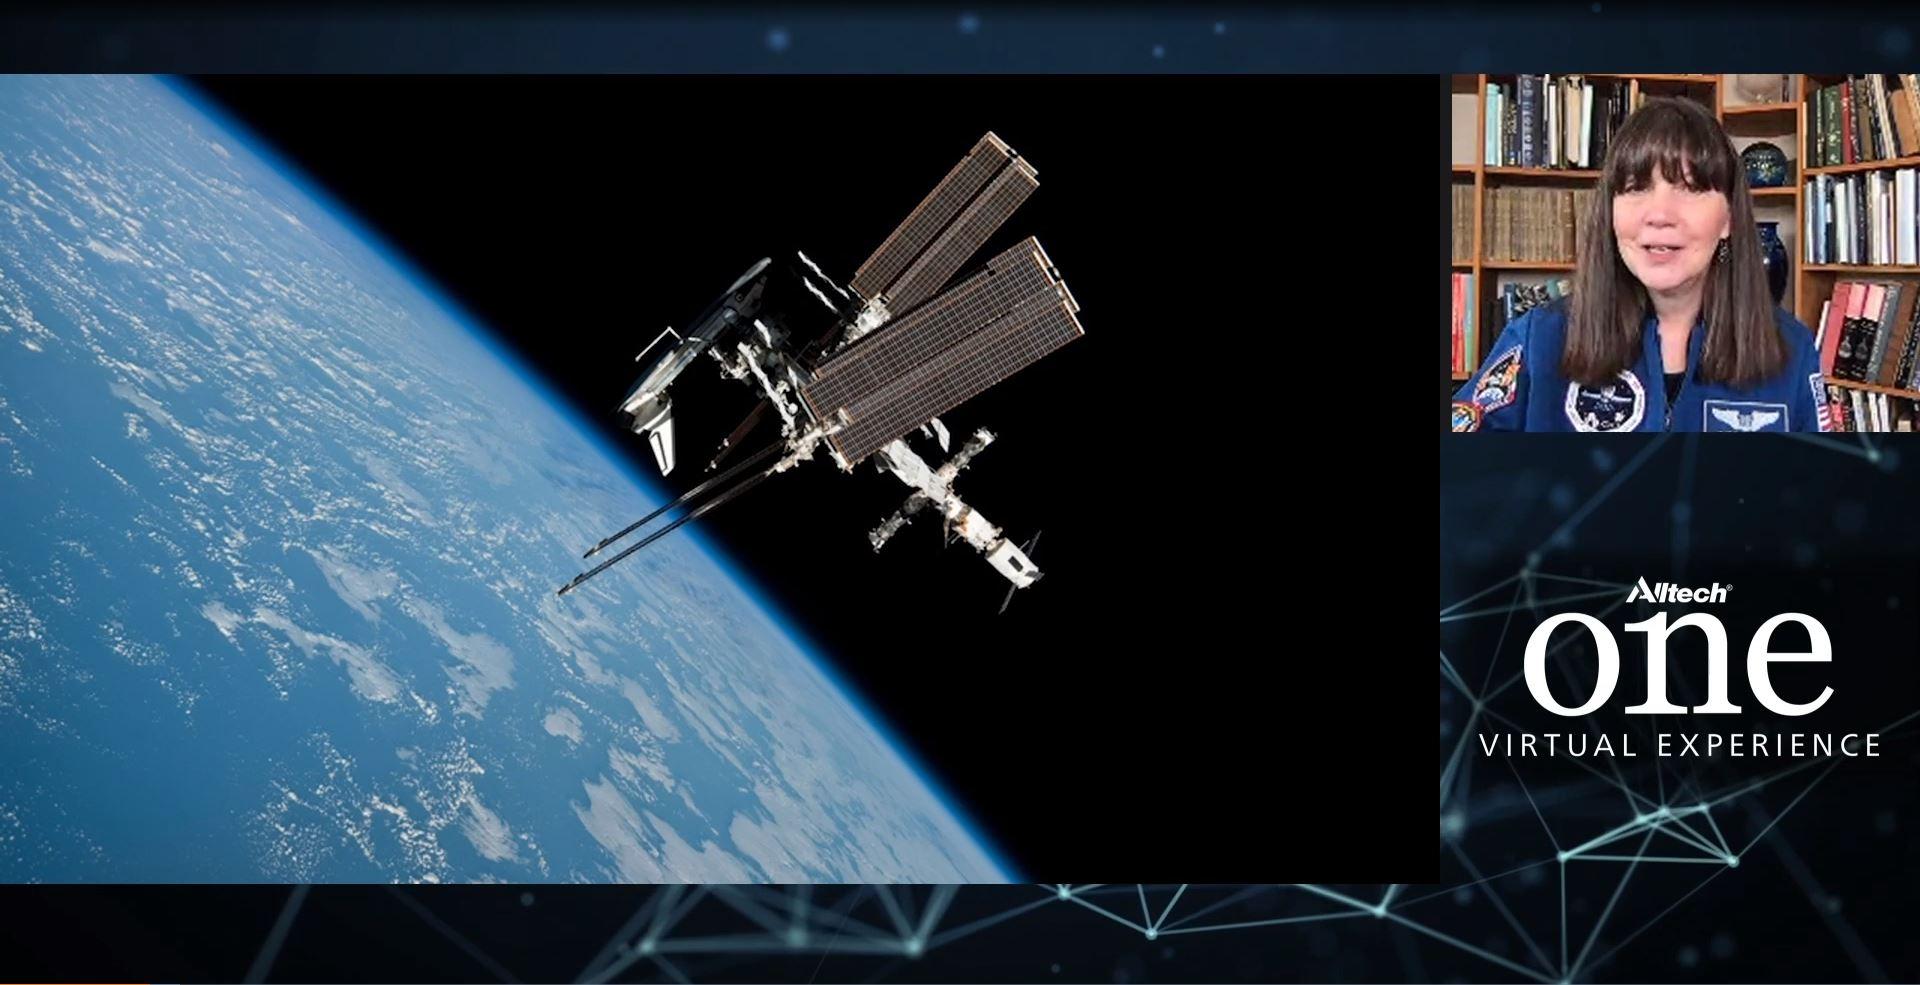 """La ex astronauta Cady Coleman con el tema """"Innovación en aislamiento: una guía del astronauta para la fortaleza mental, la creatividad y la conectividad."""""""